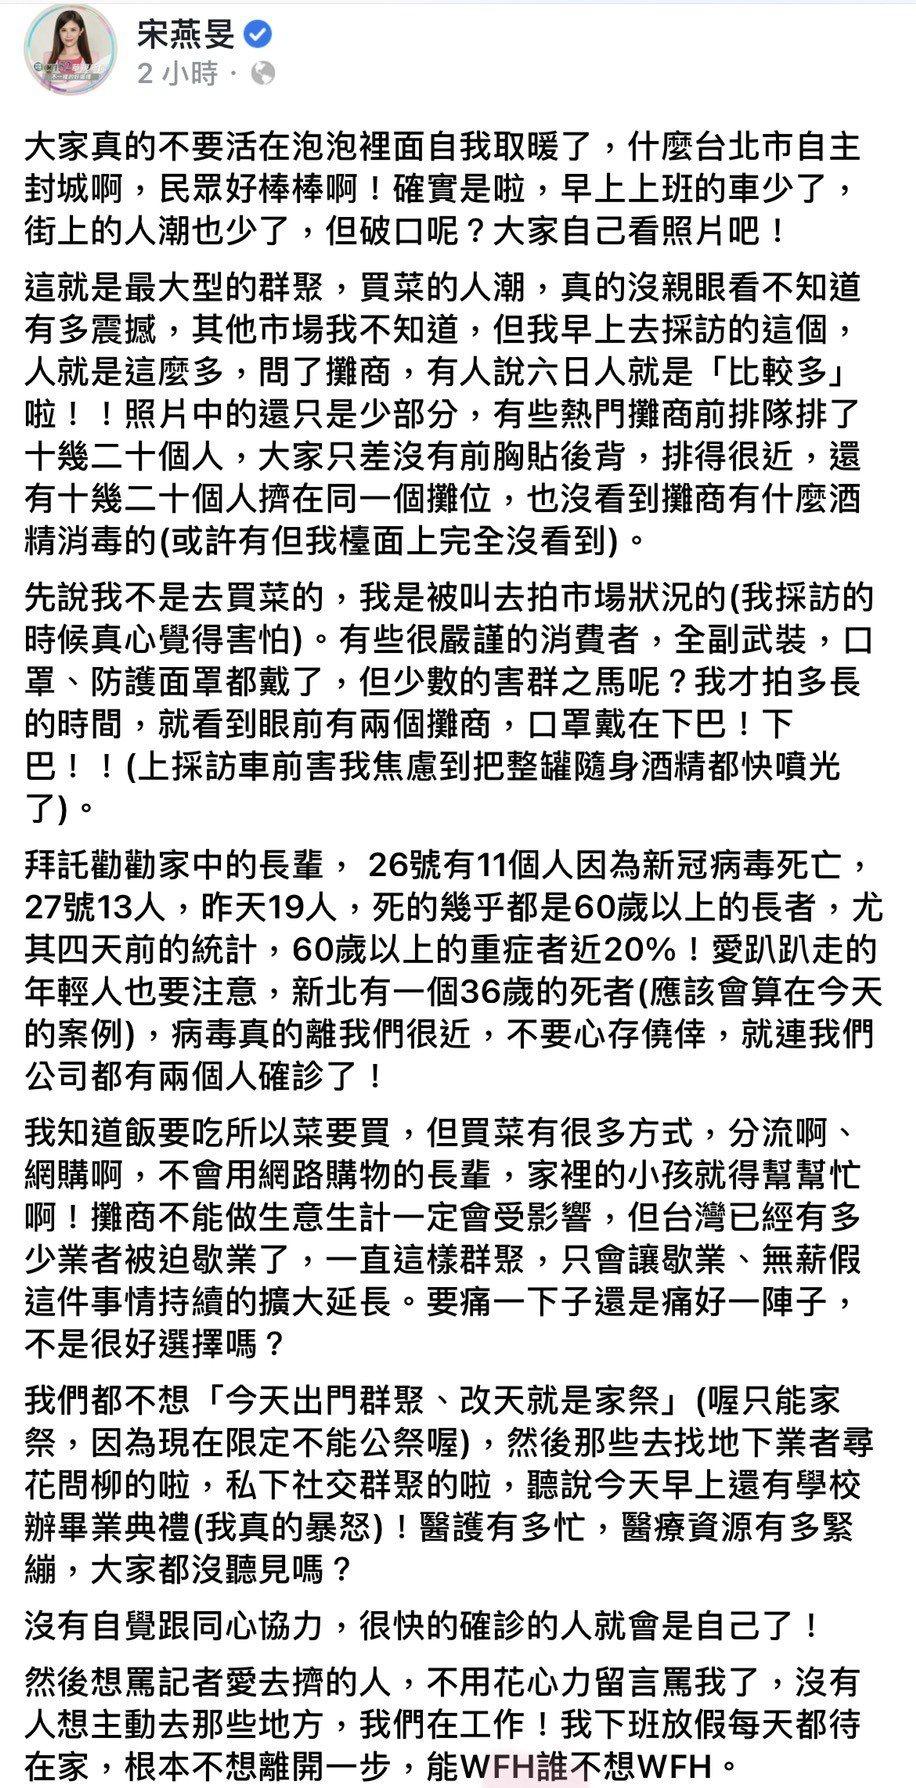 宋燕旻主播發文。 圖/擷自宋燕旻臉書